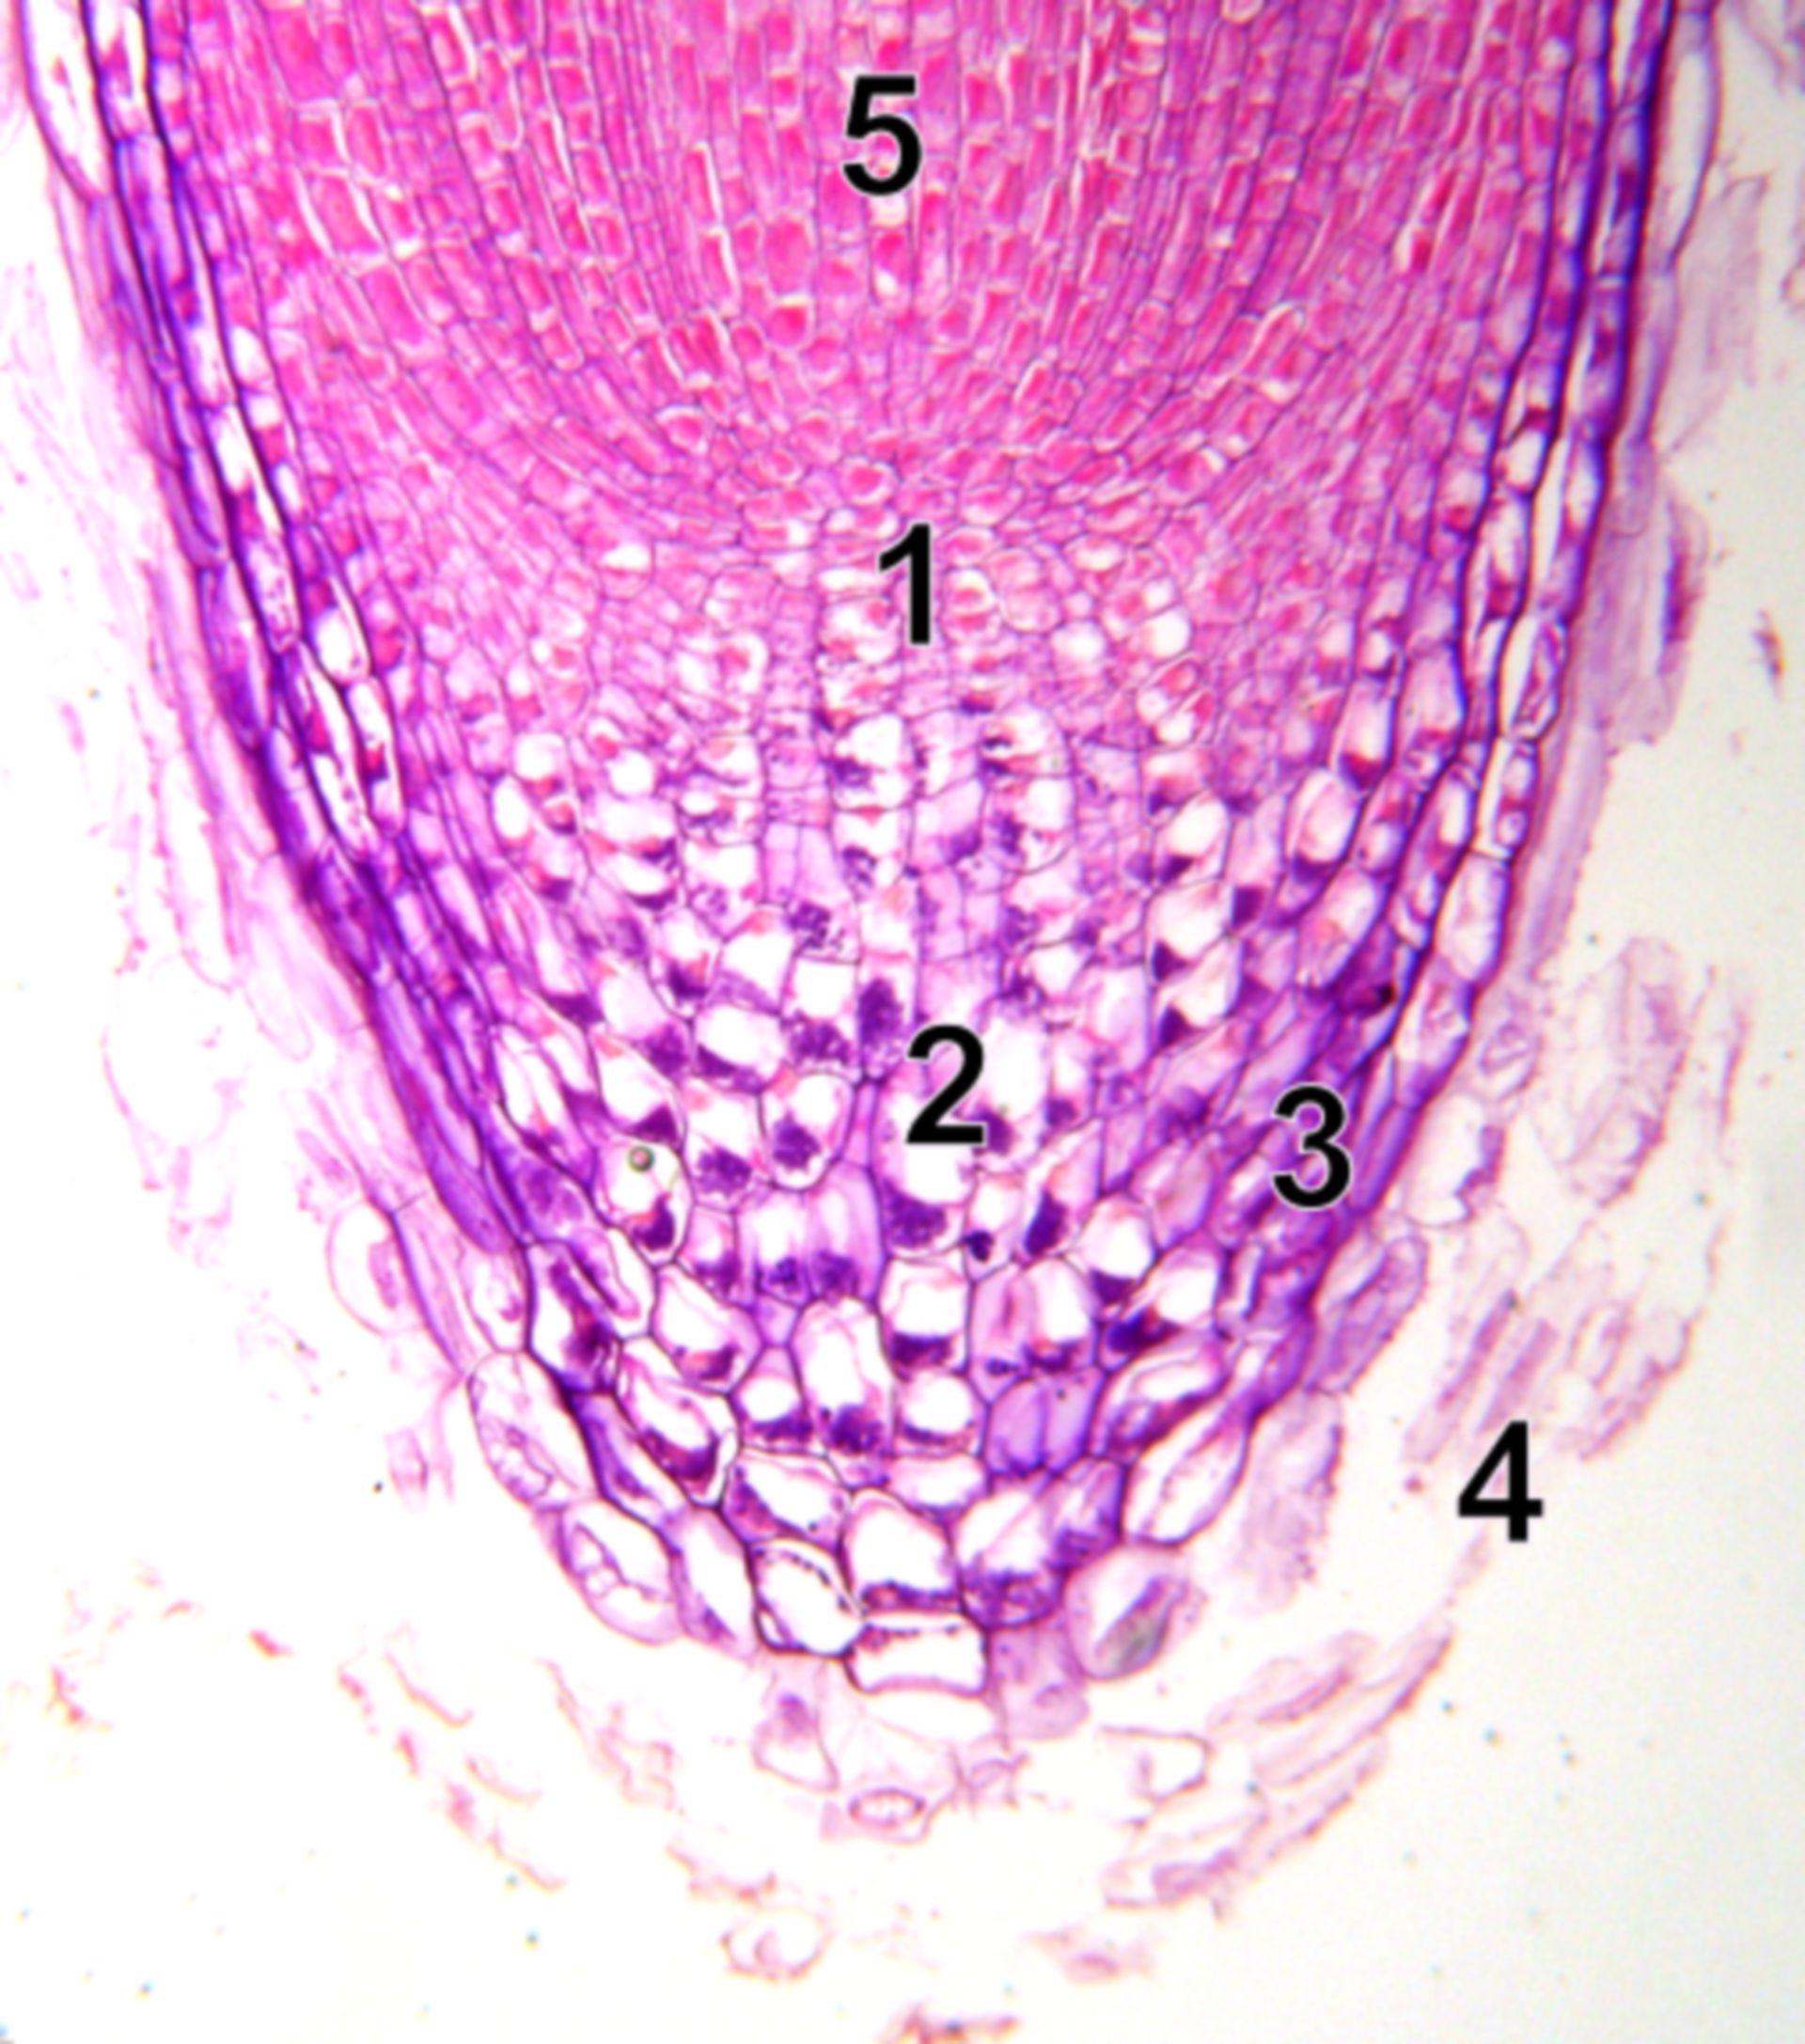 Kormophyt: Wurzelspitze (mikroskopisch)